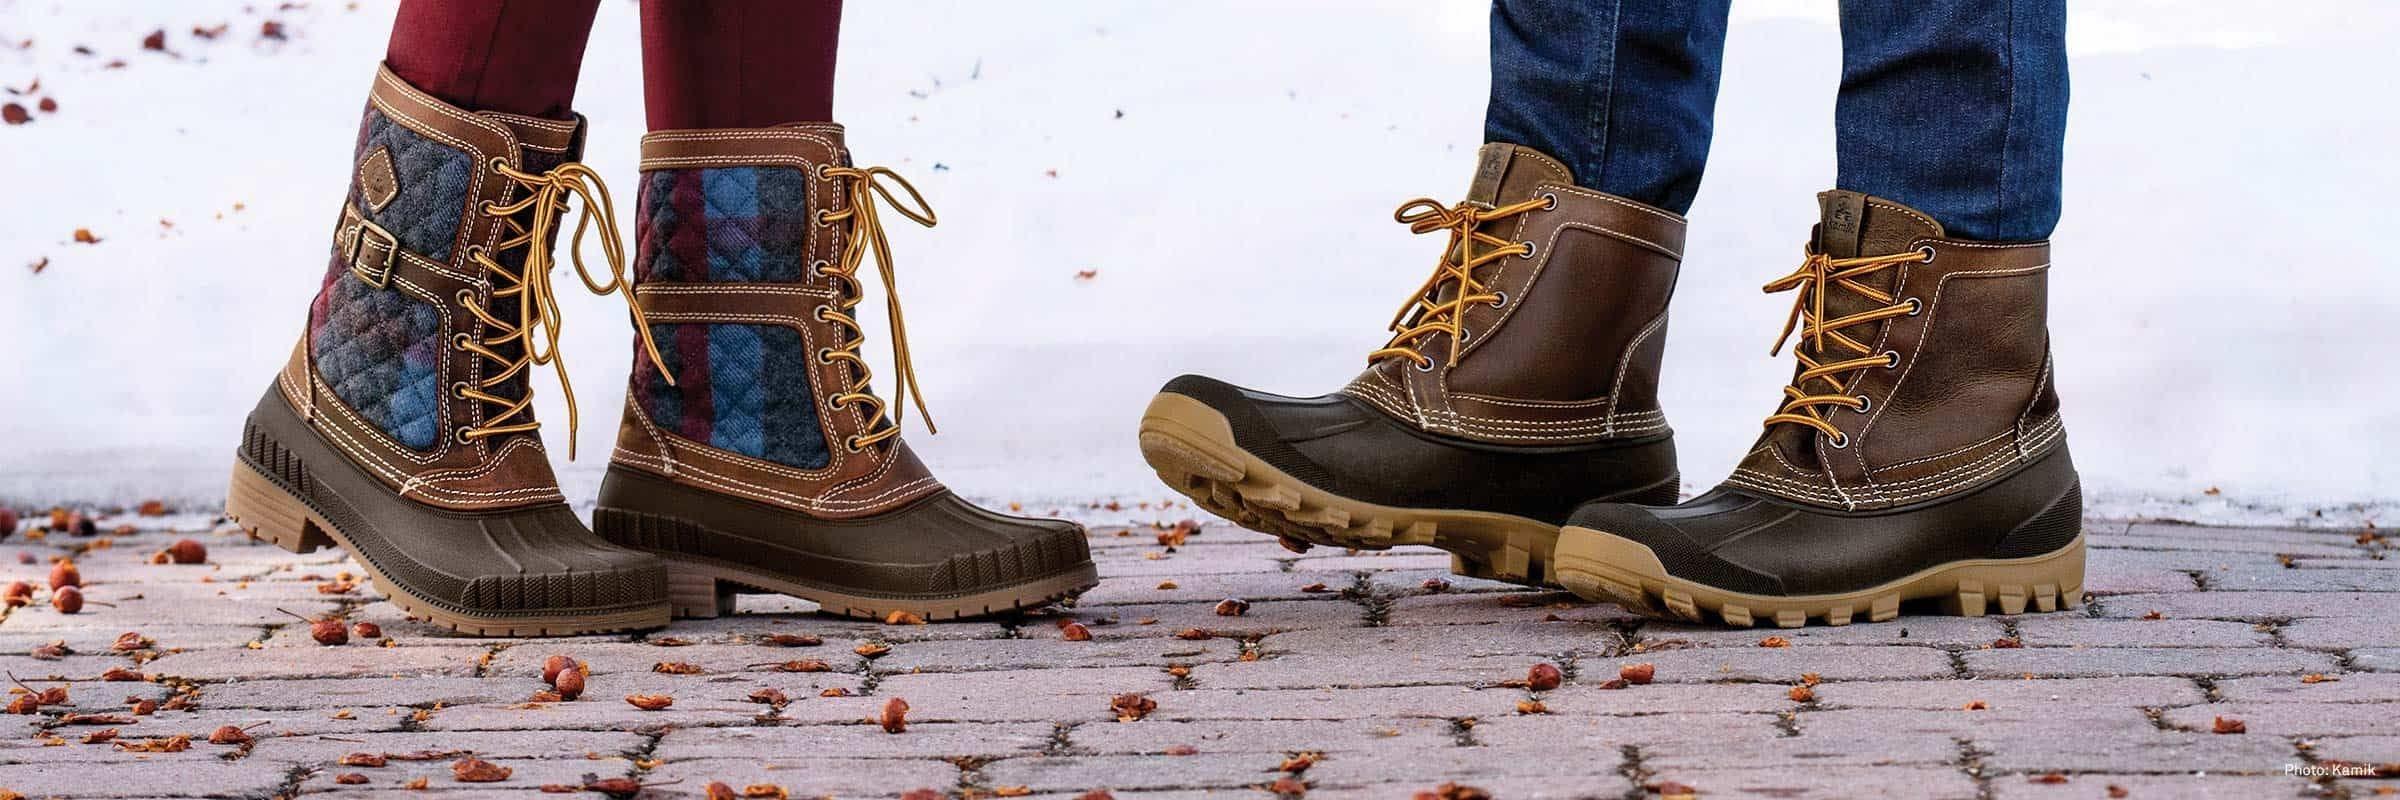 Comment trouver les meilleures bottes d'hiver